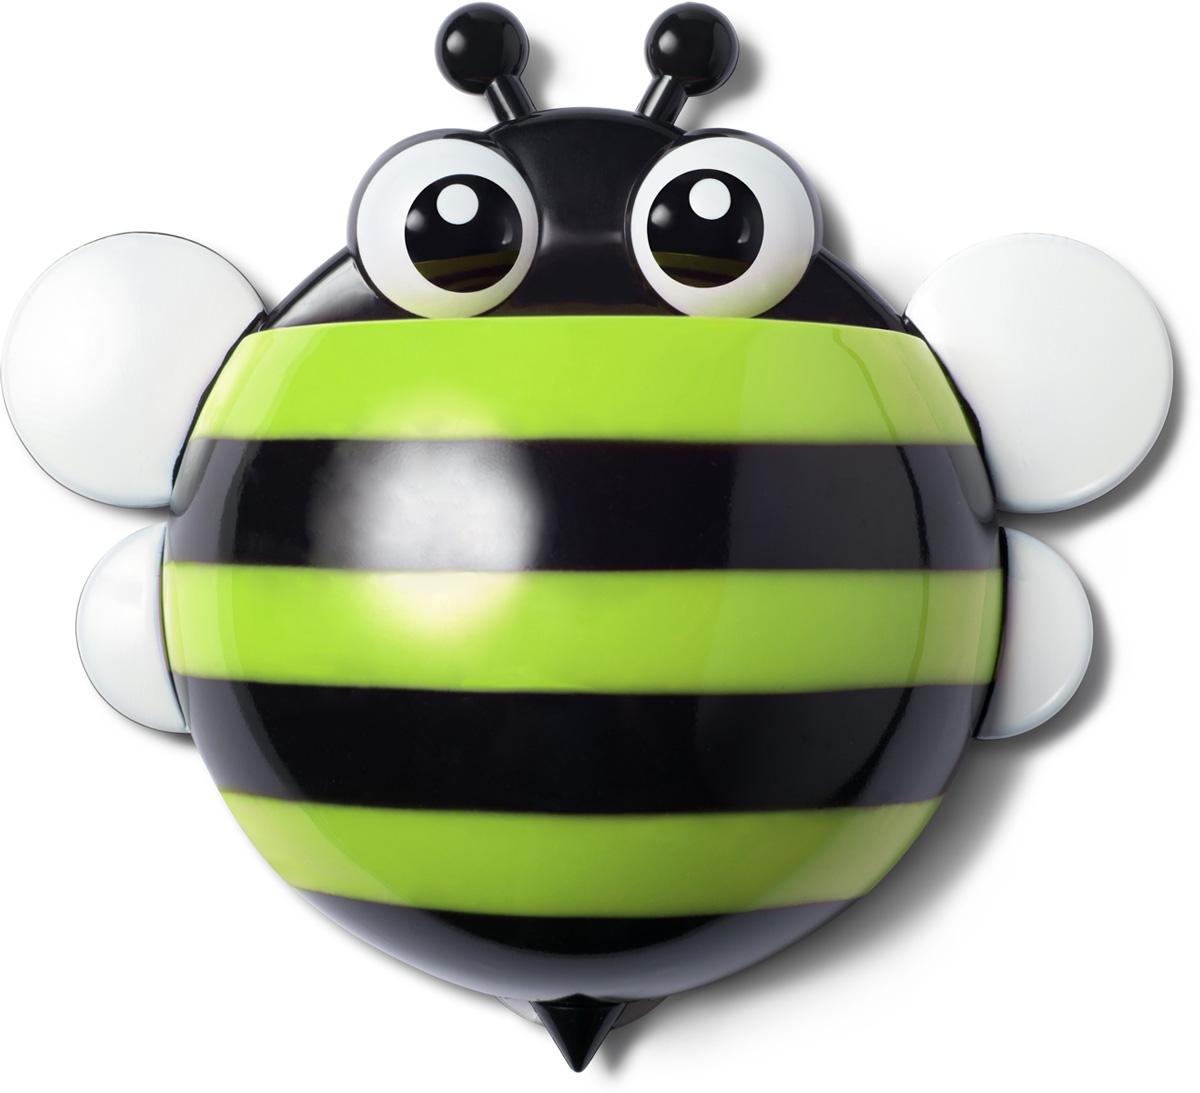 Держатель для зубных щеток Ruges Пчелка, цвет: зеленыйV-19Держатель для зубных щеток Ruges Пчелка на стену или мебель на присосках - проще простого. Надоест - сняли безо всякого ущерба.А пока не надоел - очень славная дружественная мелочь поживет у вас в ванной.Дети будут в восторге, так как держатель Пчелка легко прикрепить на удобном для ребенка уровне - сам будет брать свои щетку и пасту. И не только дети обрадуются. Взрослый, у которого очень стильная ванная, но ему скучно по утрам чистить зубы в одиночестве, тоже будет рад.Не признается, но рад будет!В комплекте: 1 держатель, 3 присоски для крепления.